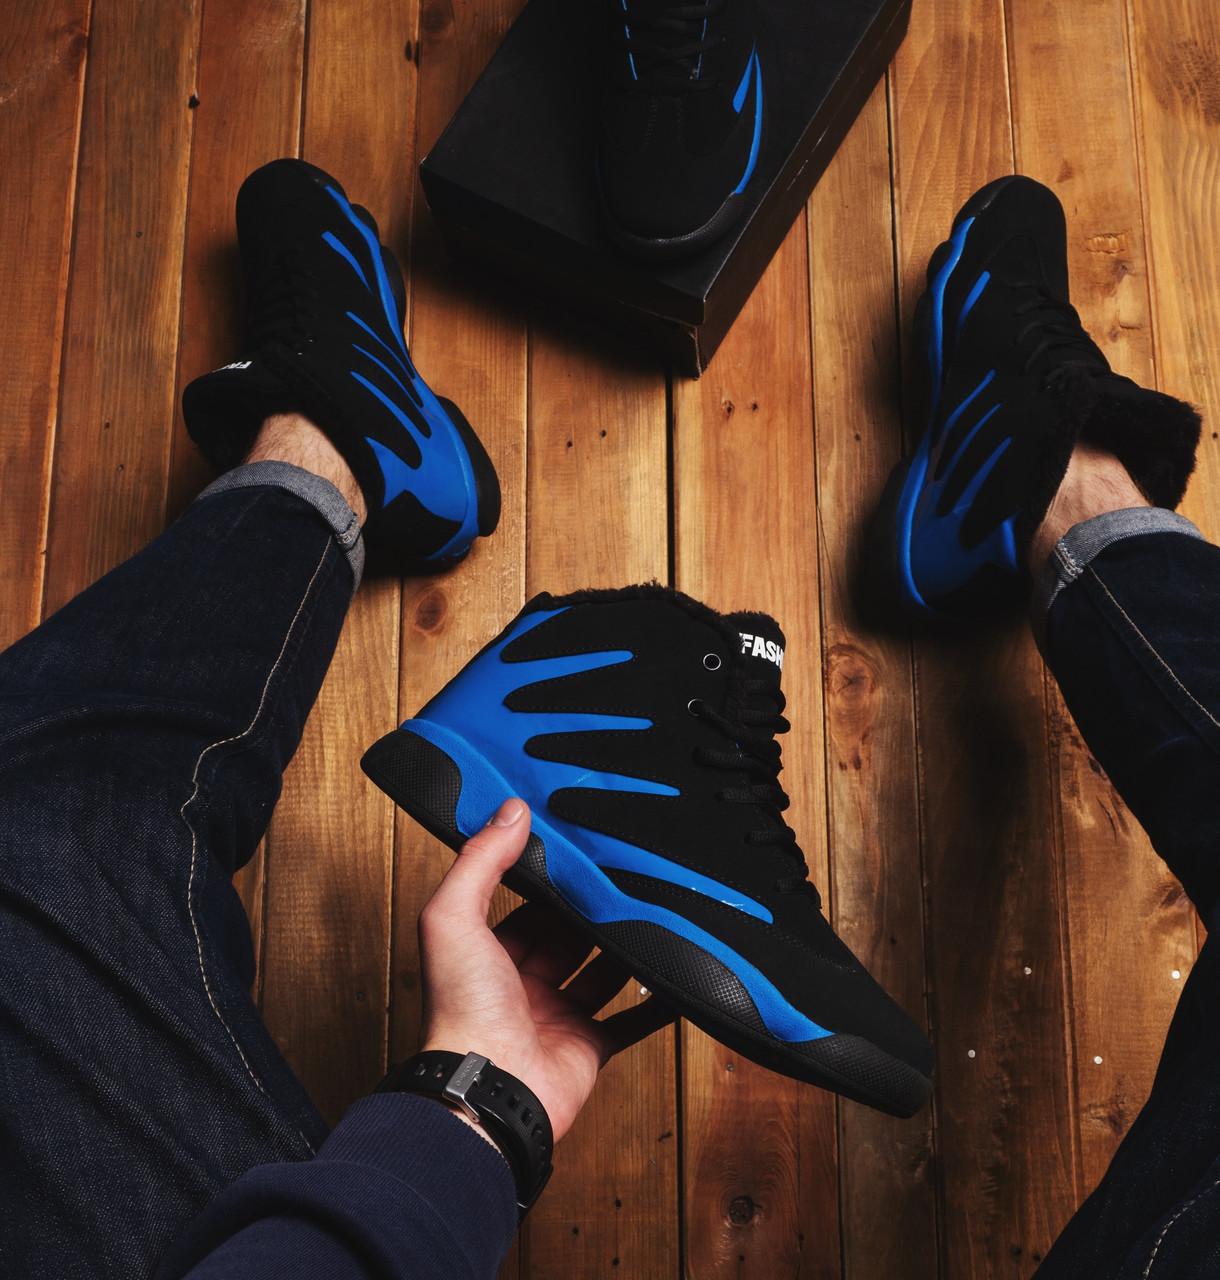 Мужские ботинки Альен фешн Pobedov (черные с синей вставкой)